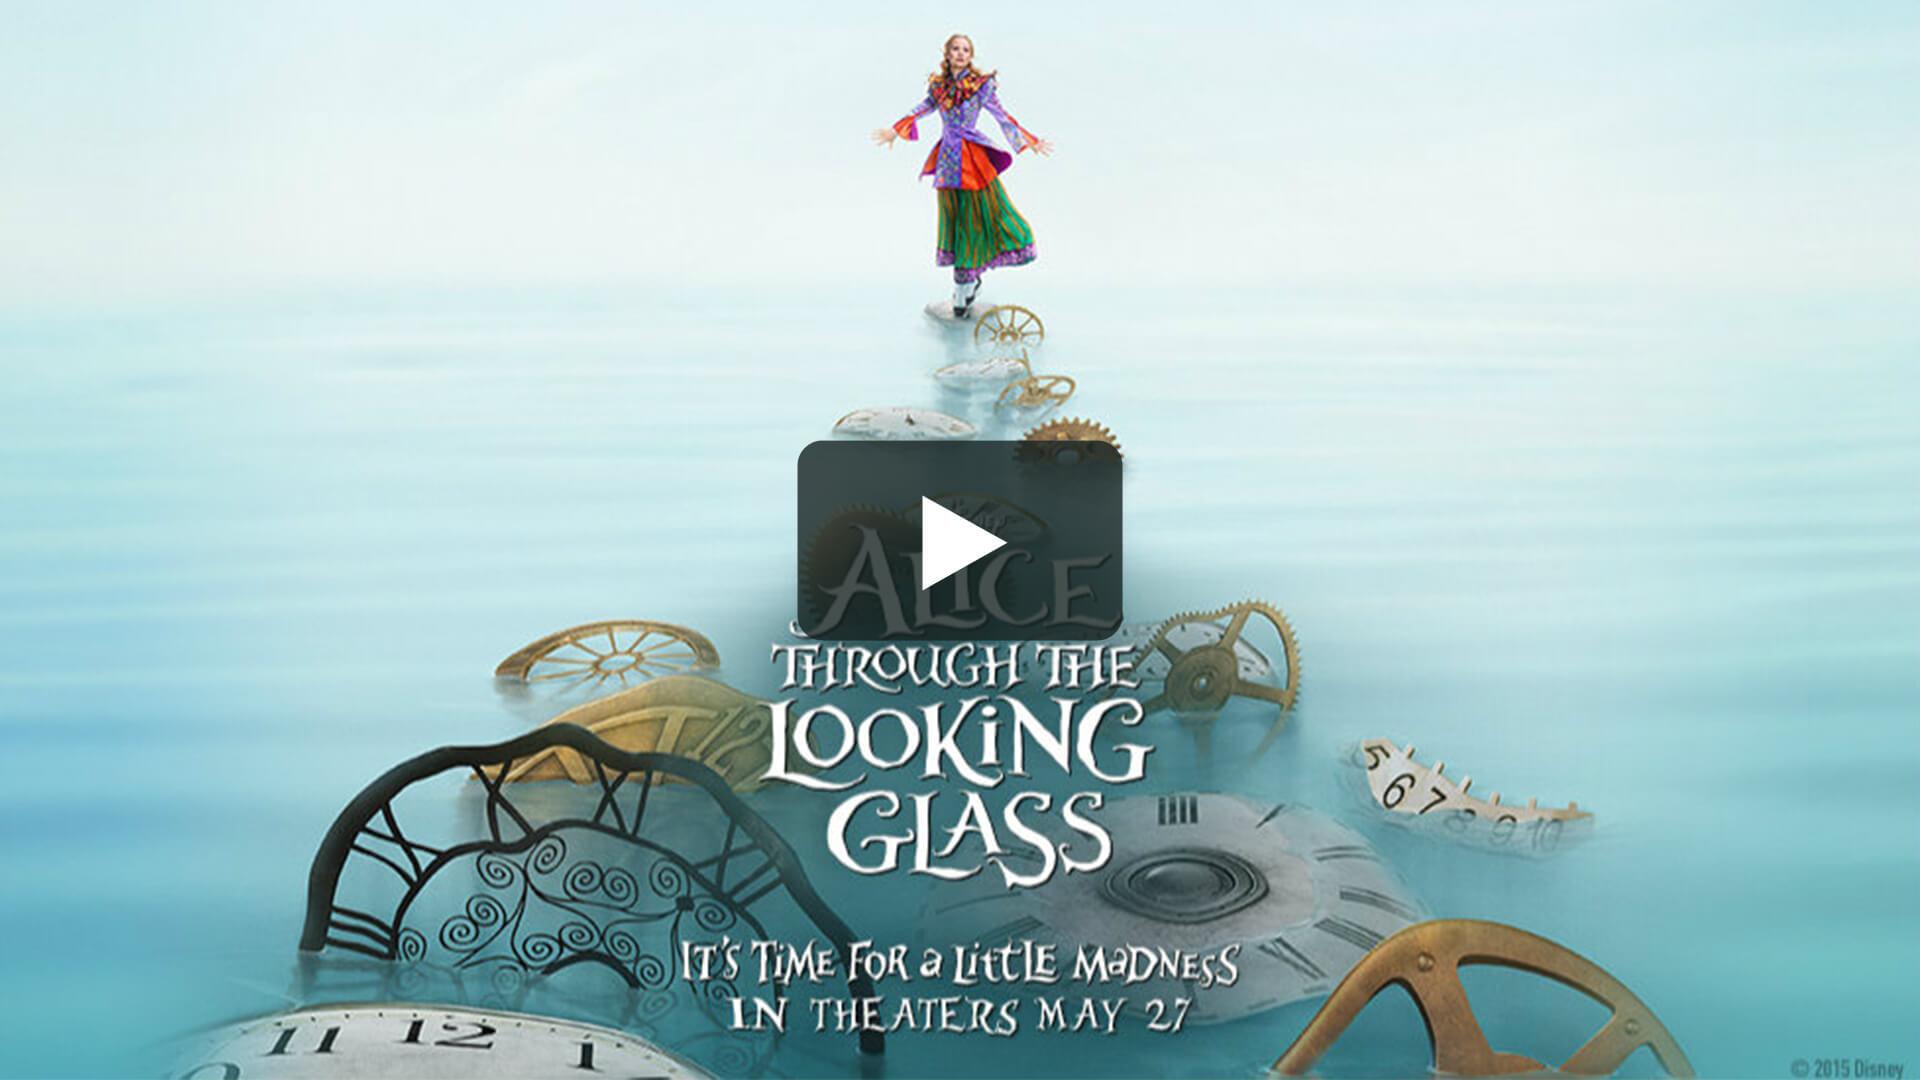 Alice Through the Looking Glass - 愛麗絲夢遊仙境2:鏡中奇遇記